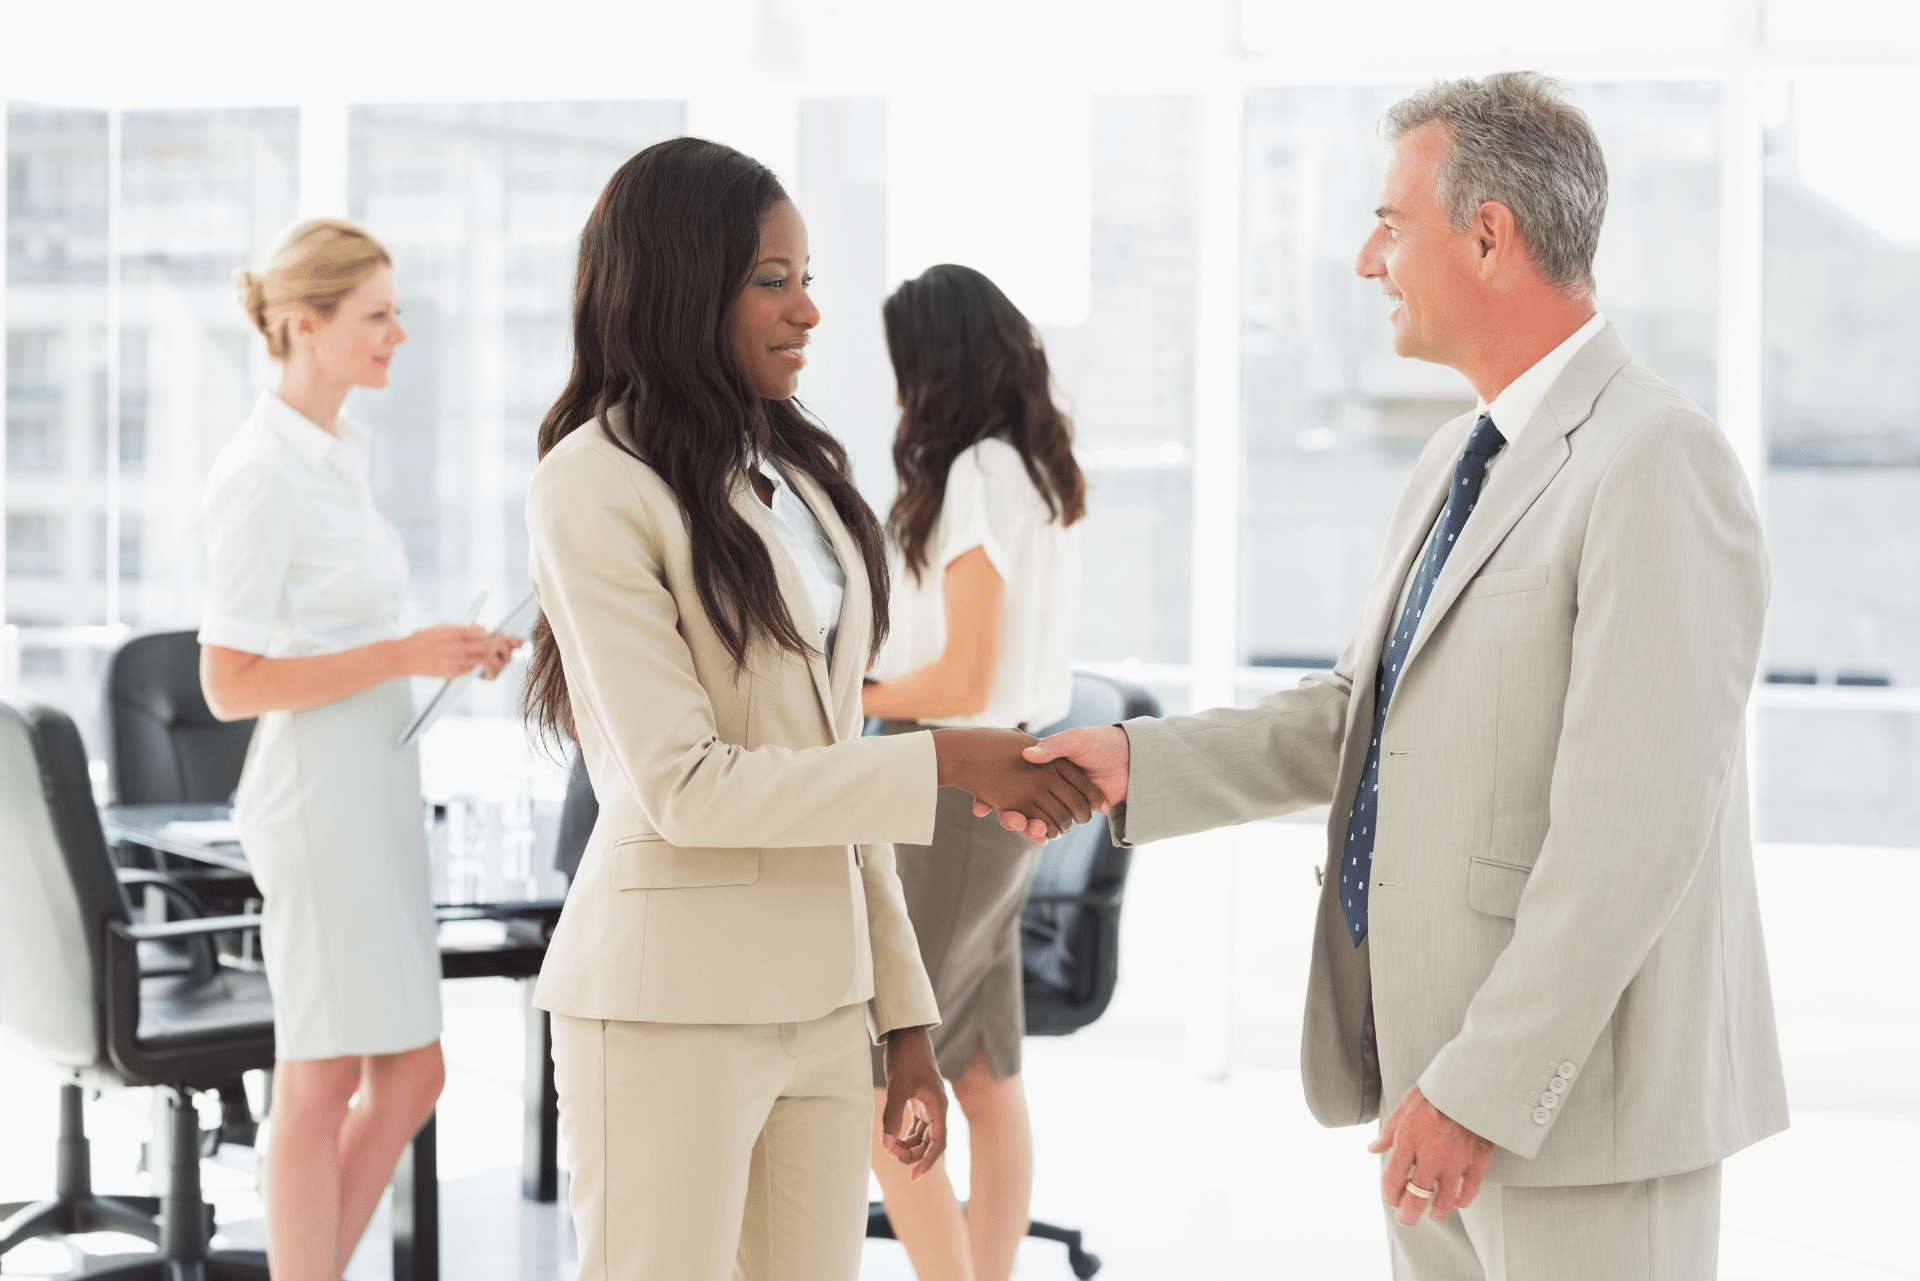 Dealer partners shaking hands